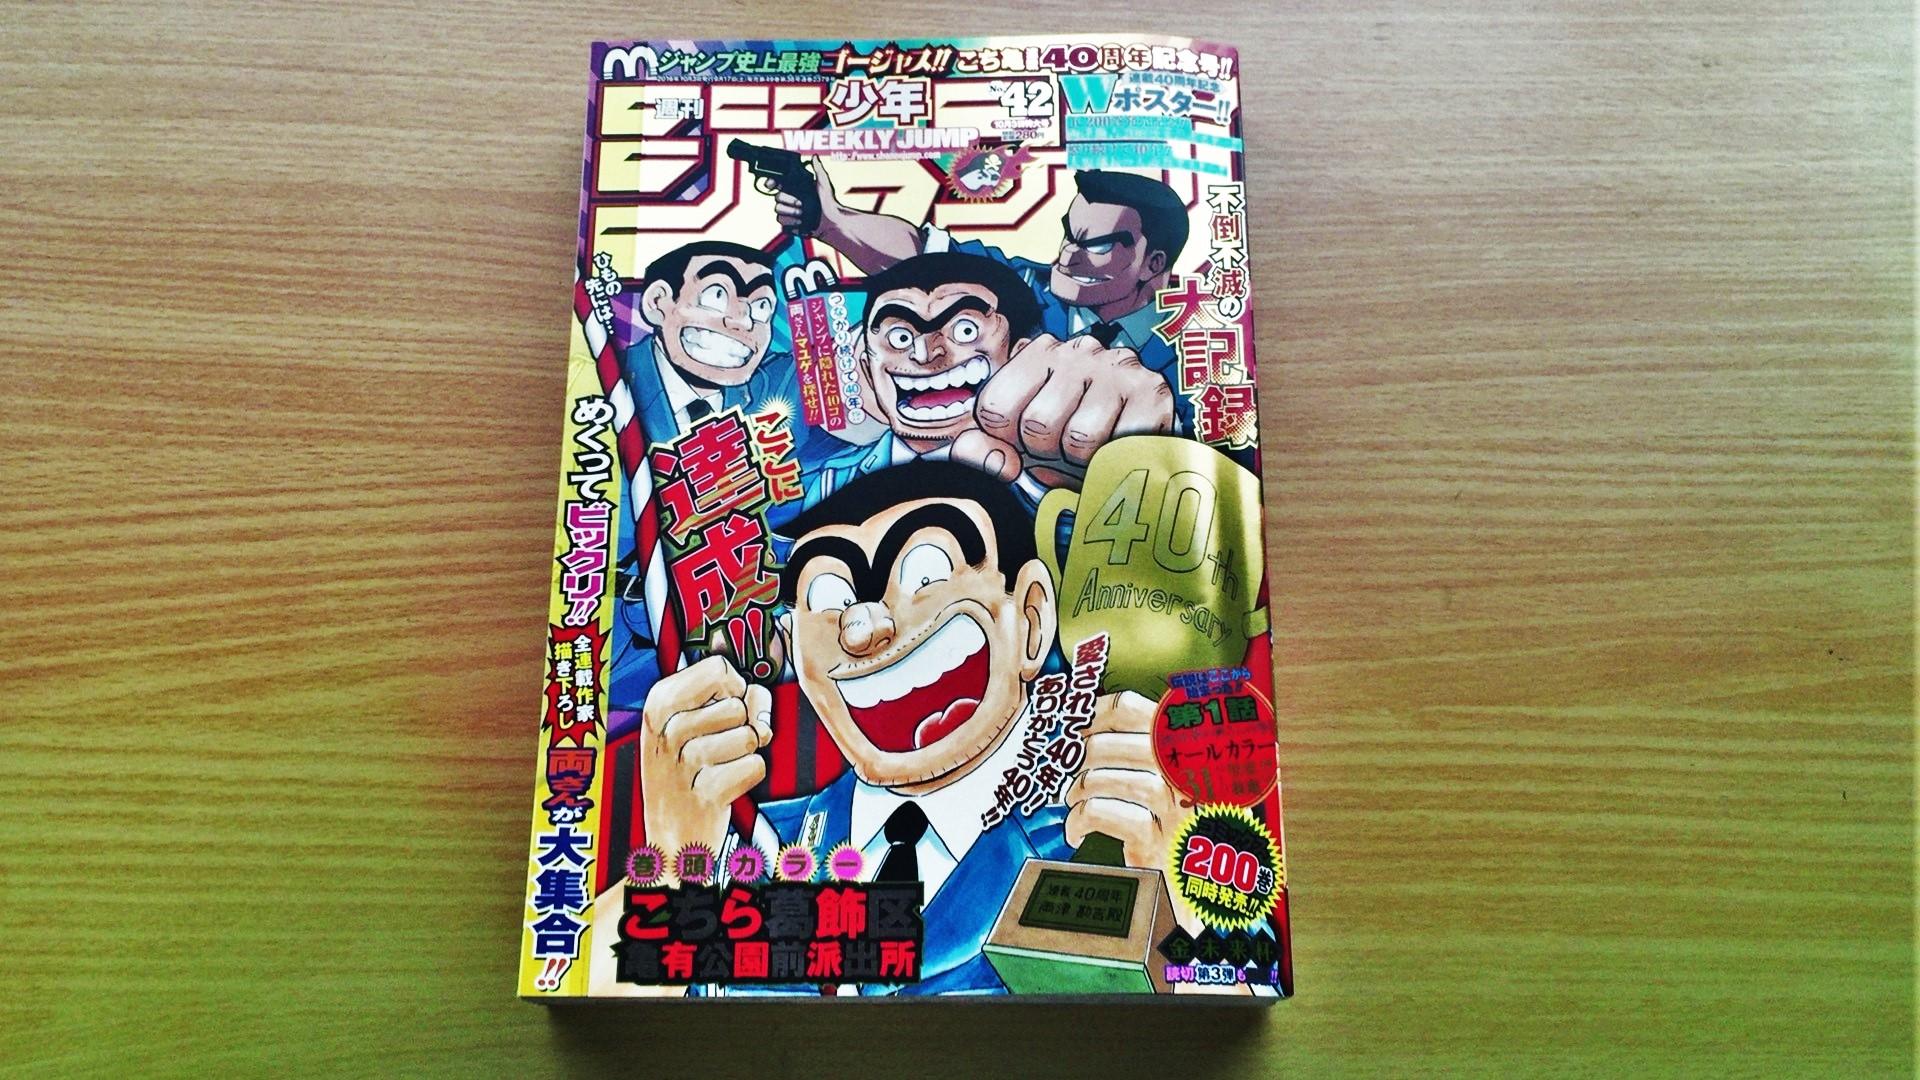 週刊少年ジャンプ2016年42号(こち亀最終回掲載)はプレミアム品になるのか!?【Amazonで定価以上】